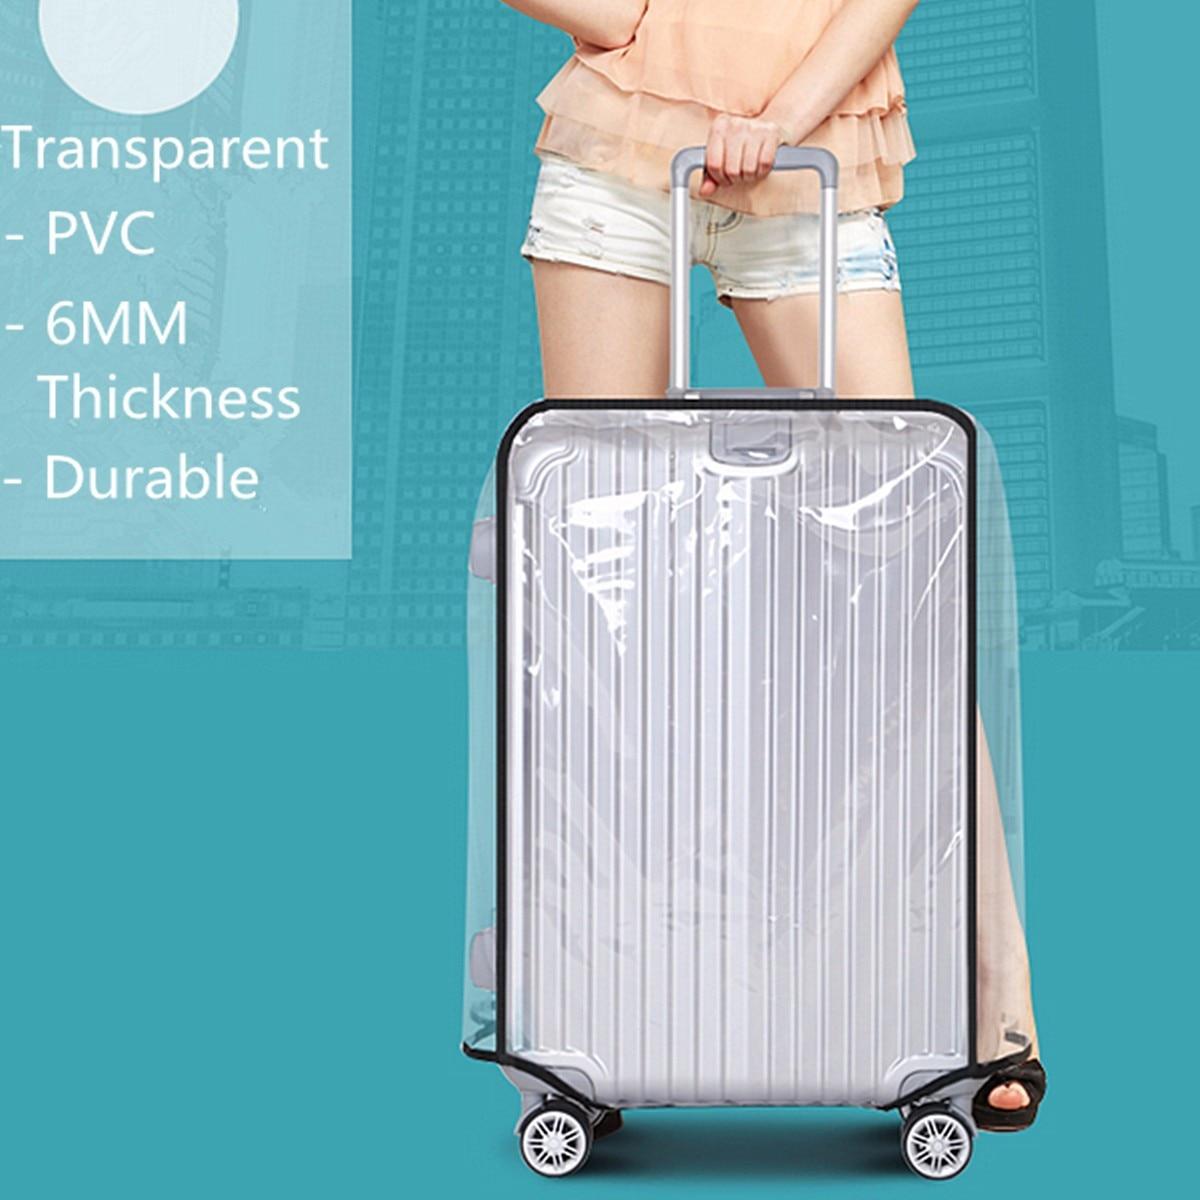 Cubierta transparente de la maleta del carro del PVC a prueba de polvo de la cubierta del equipaje impermeable cubierta protectora del equipaje 20-30 pulgadas